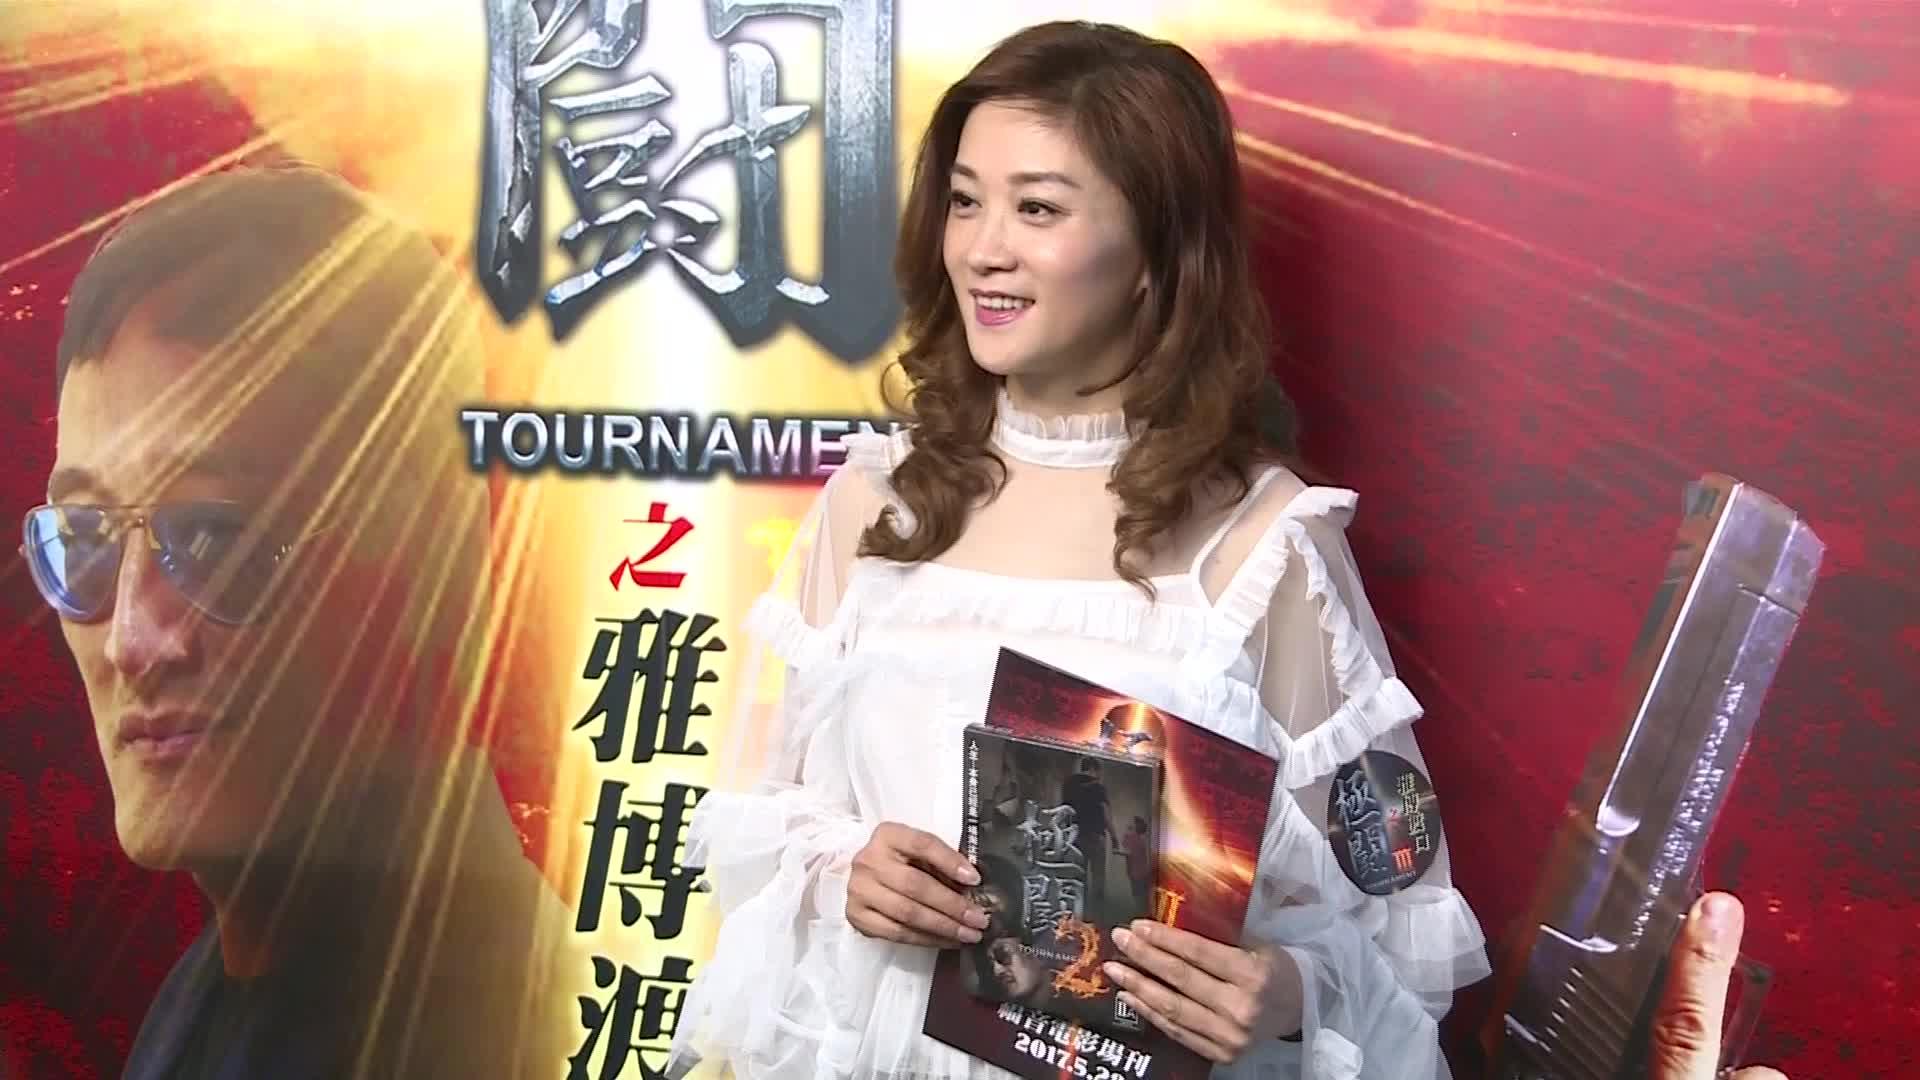 袁潔儀加入TVB多嘗試感欣喜